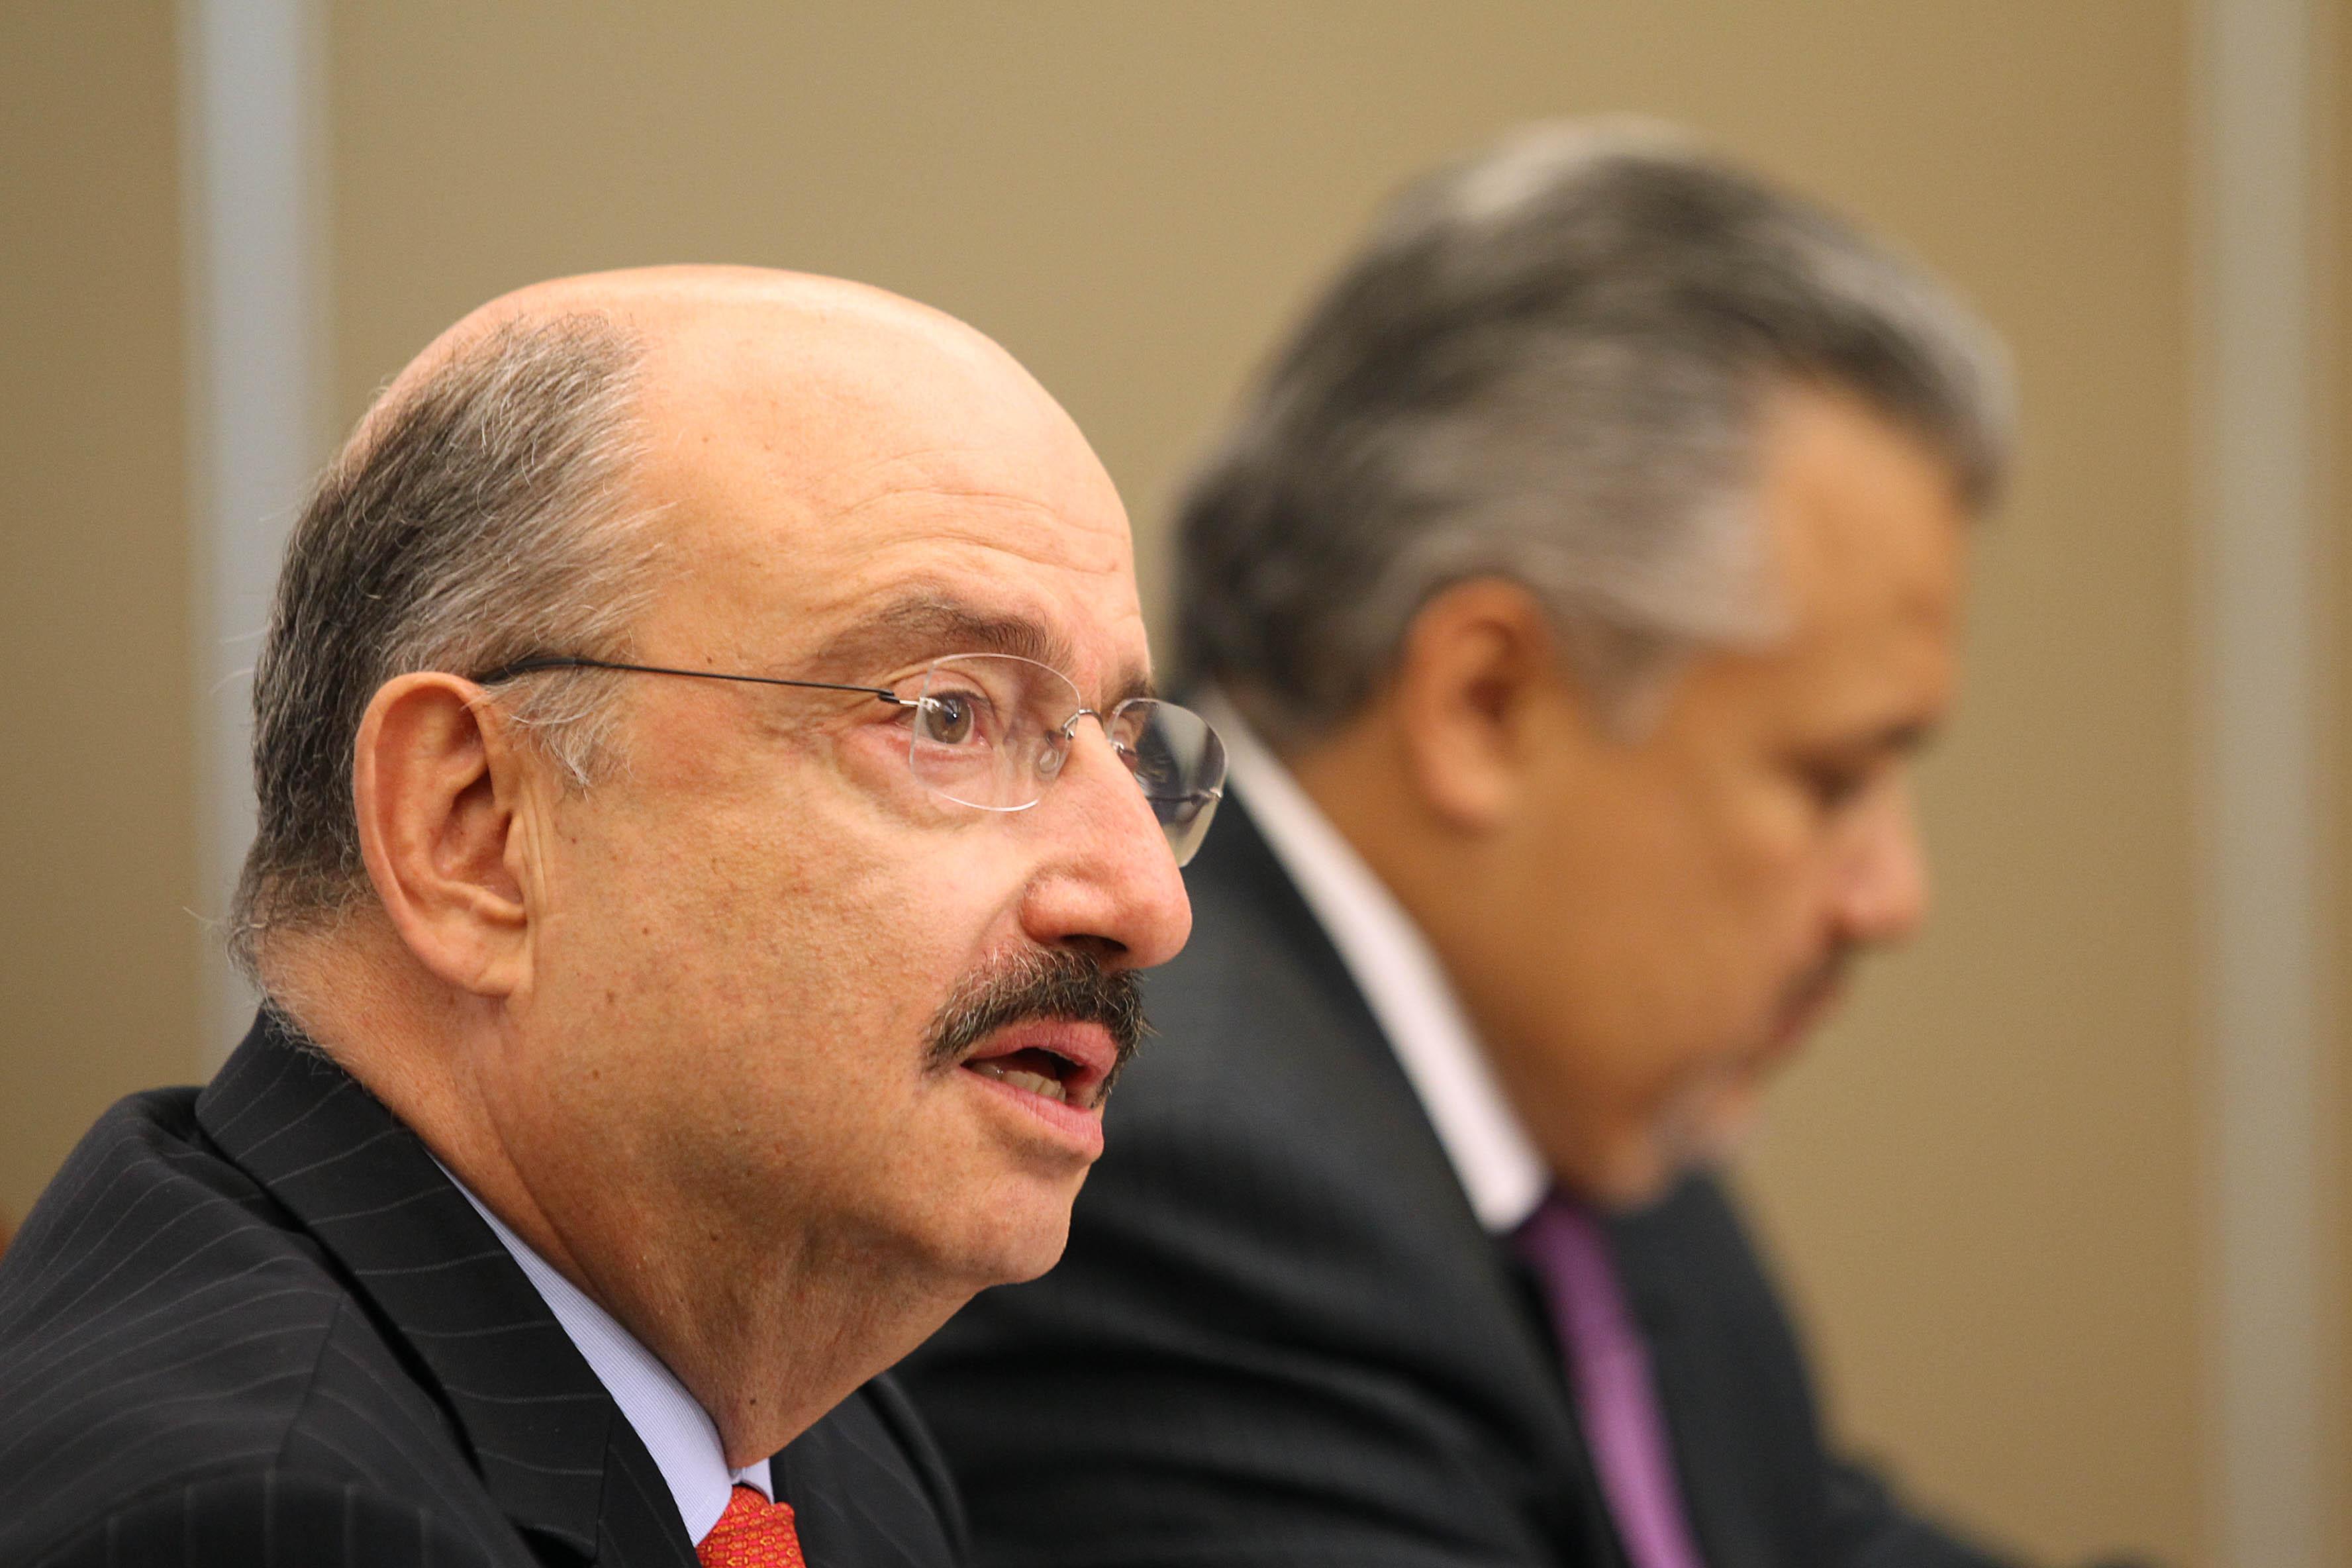 FOTO 3 Embajador Carlos de Icaza Gonz lez  subsecretario de Relaciones Exterioresjpg